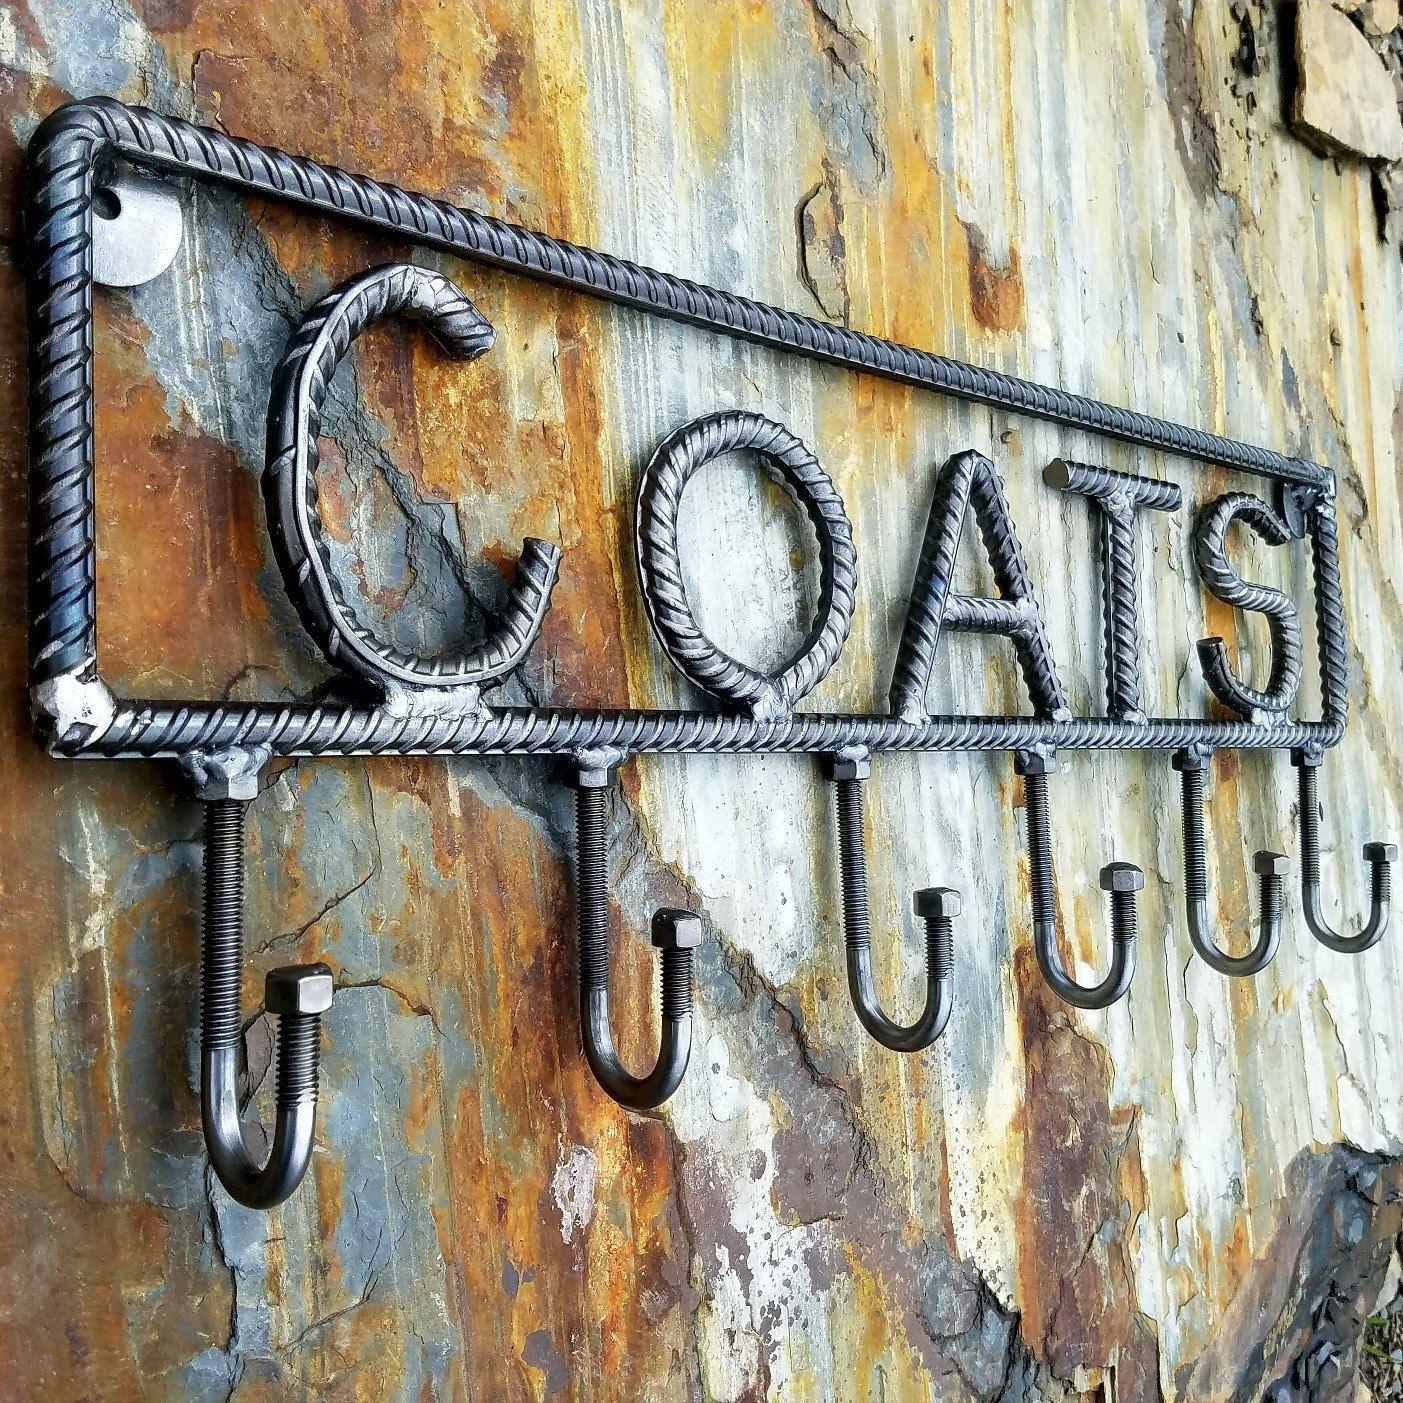 Farmersmetals Etsy Com Rustic Industrial Coat Rack Rebar